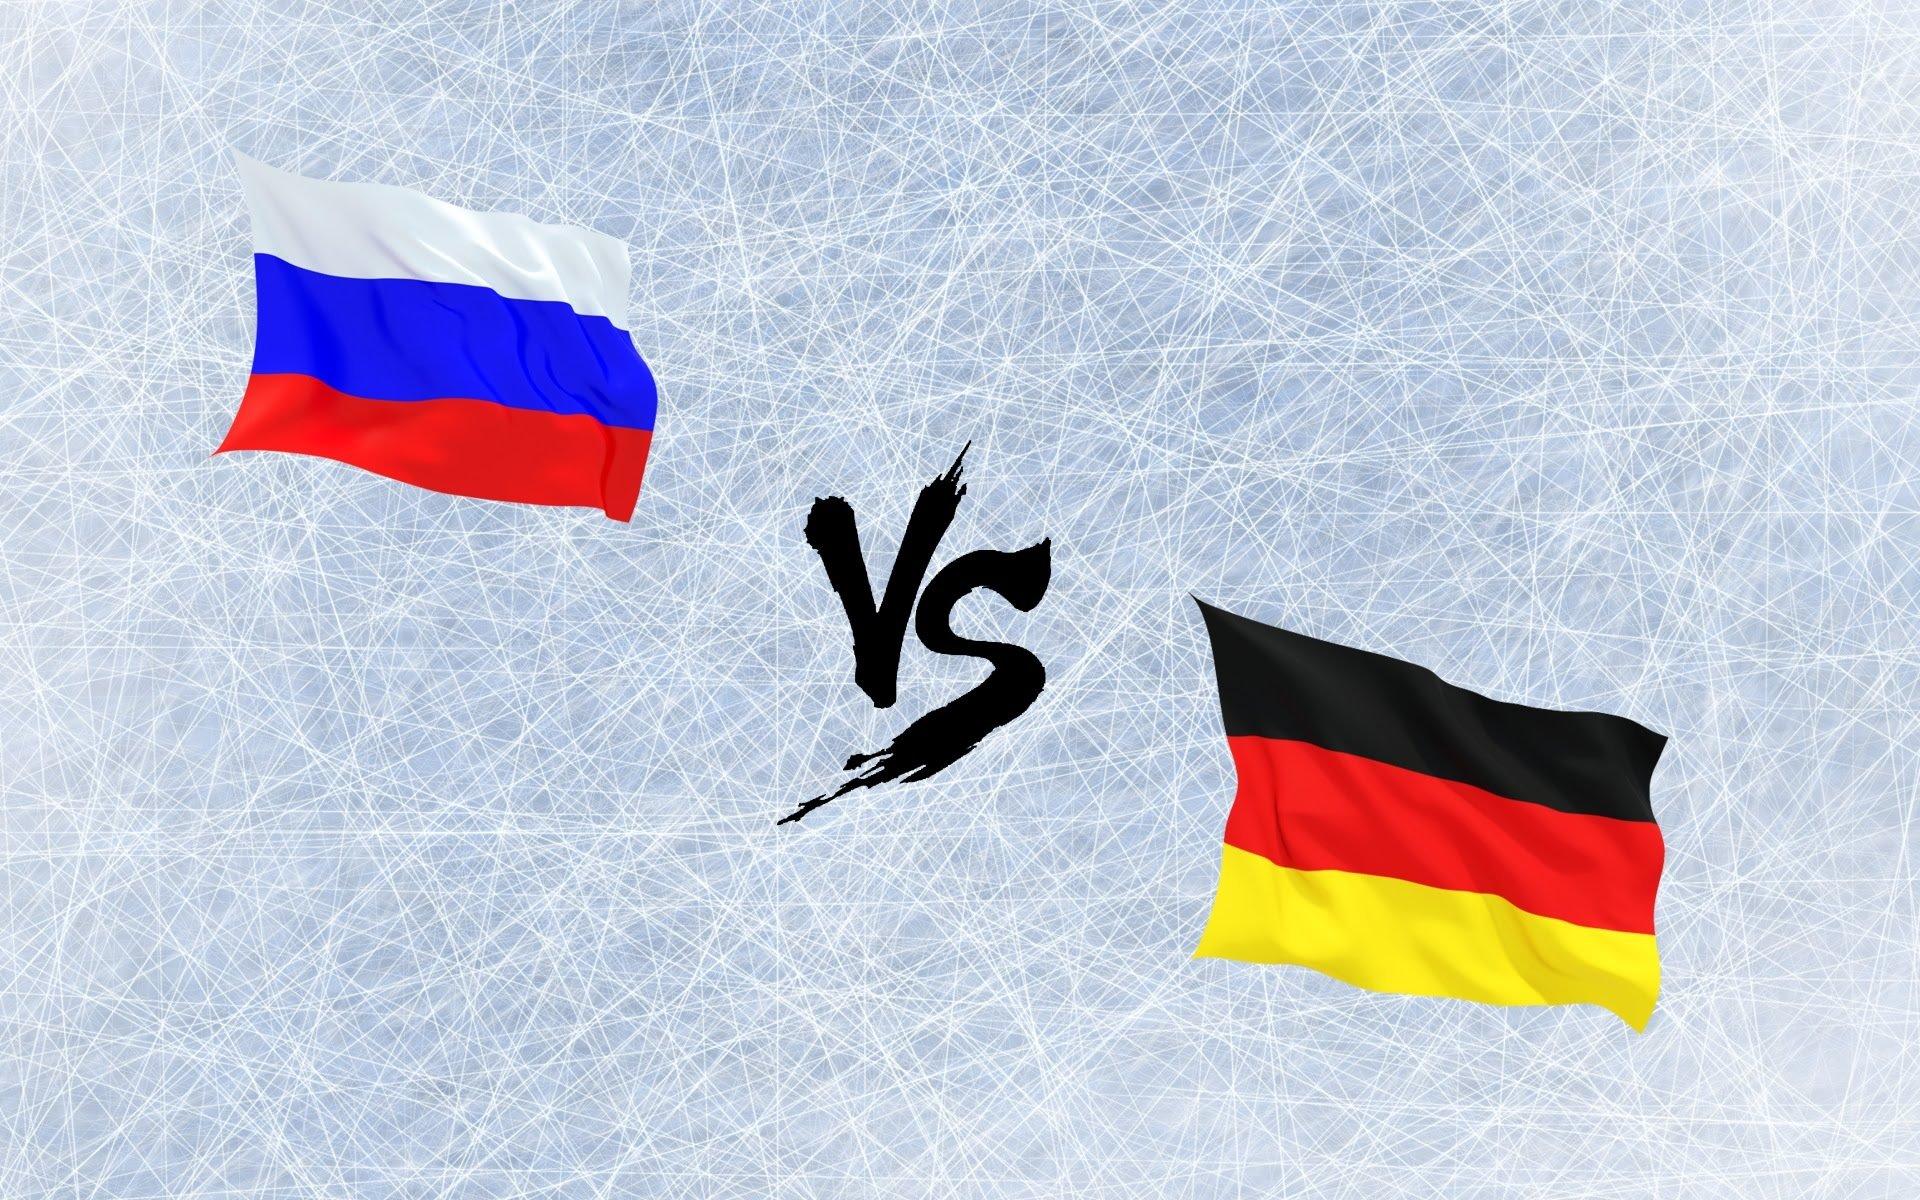 Россия, Германия, Дипломаты, Высылка, Нота протеста, Кризис.